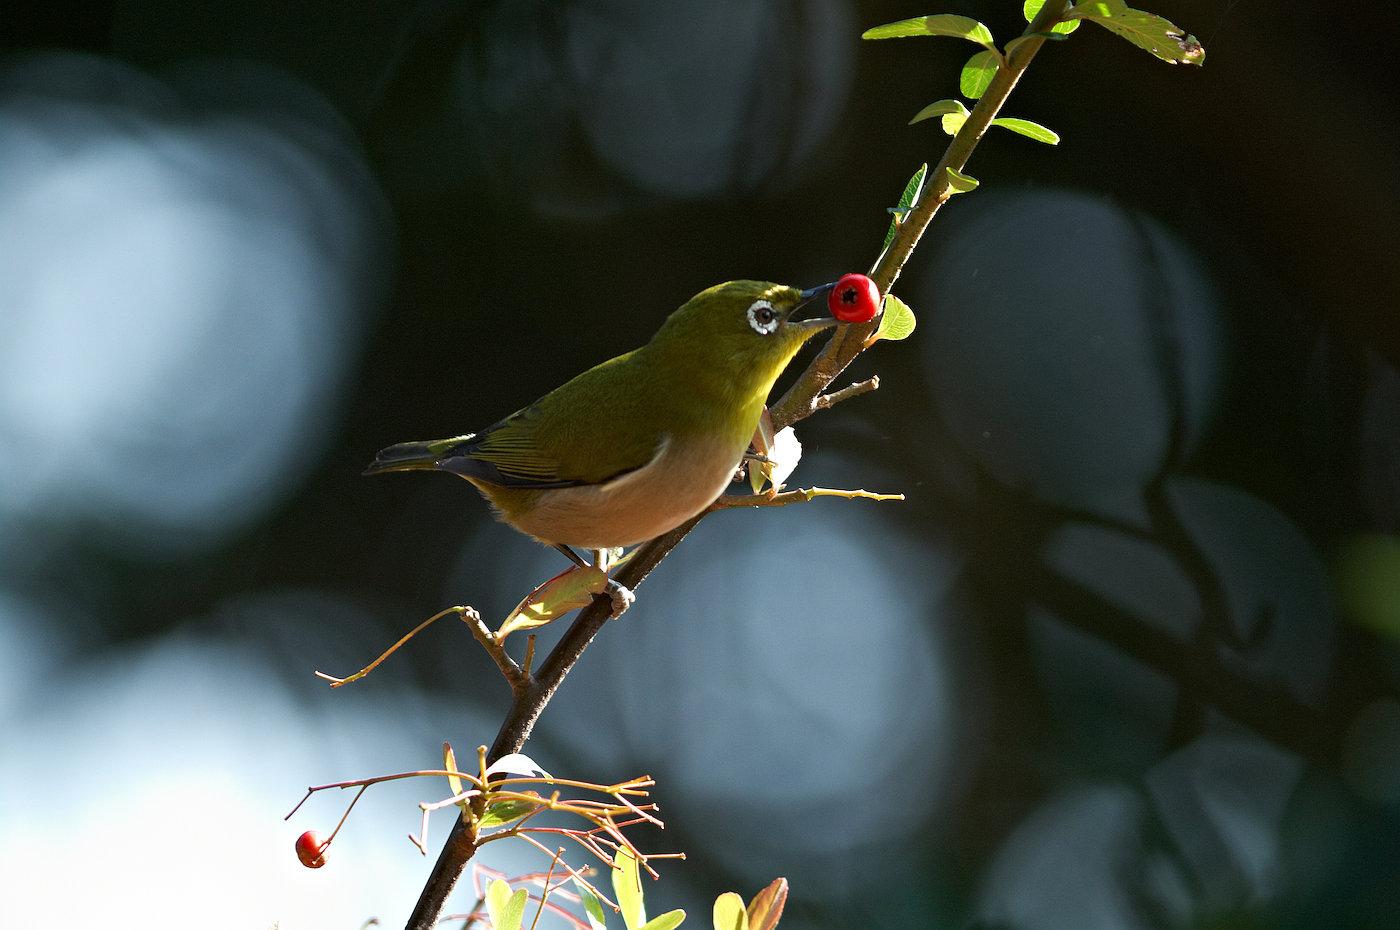 BORG 125SDで撮影した野鳥・メジロの写真画像